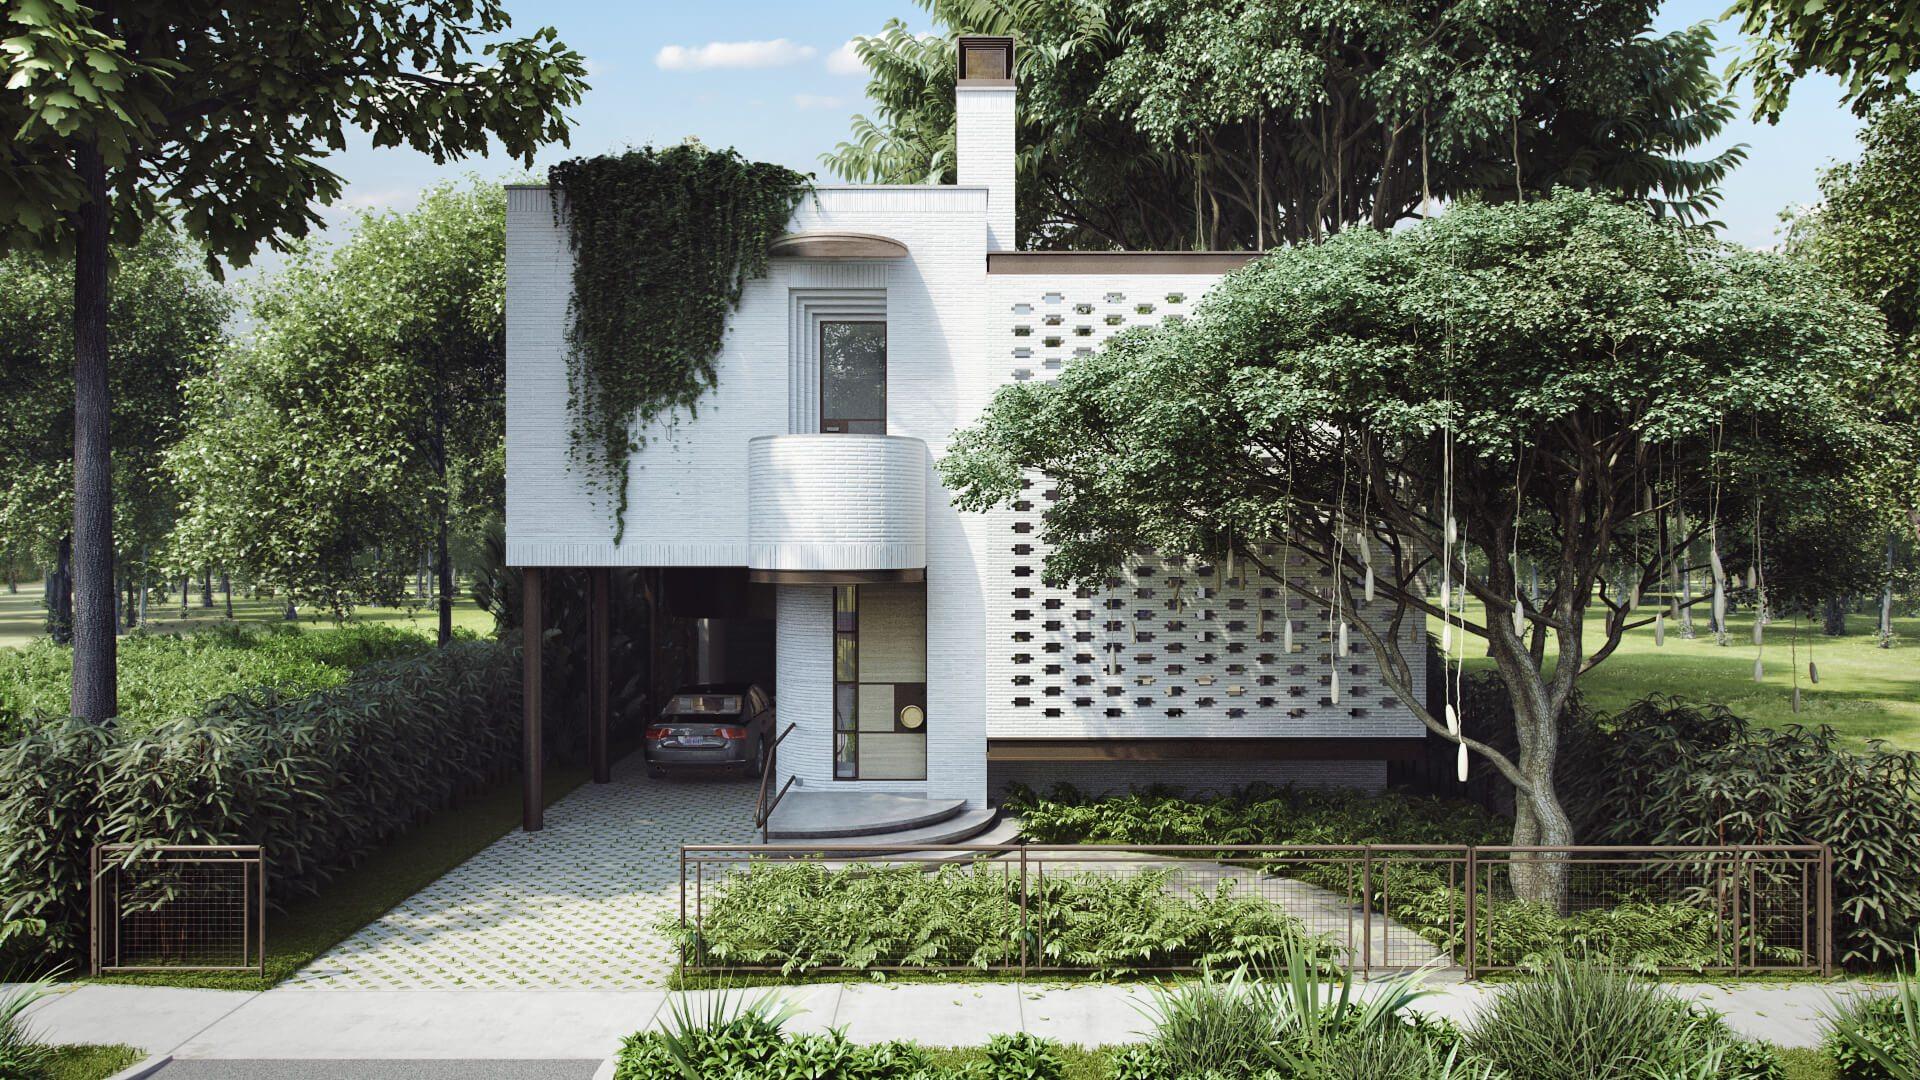 A CG Image of a Modern House for Houzz Portfolio